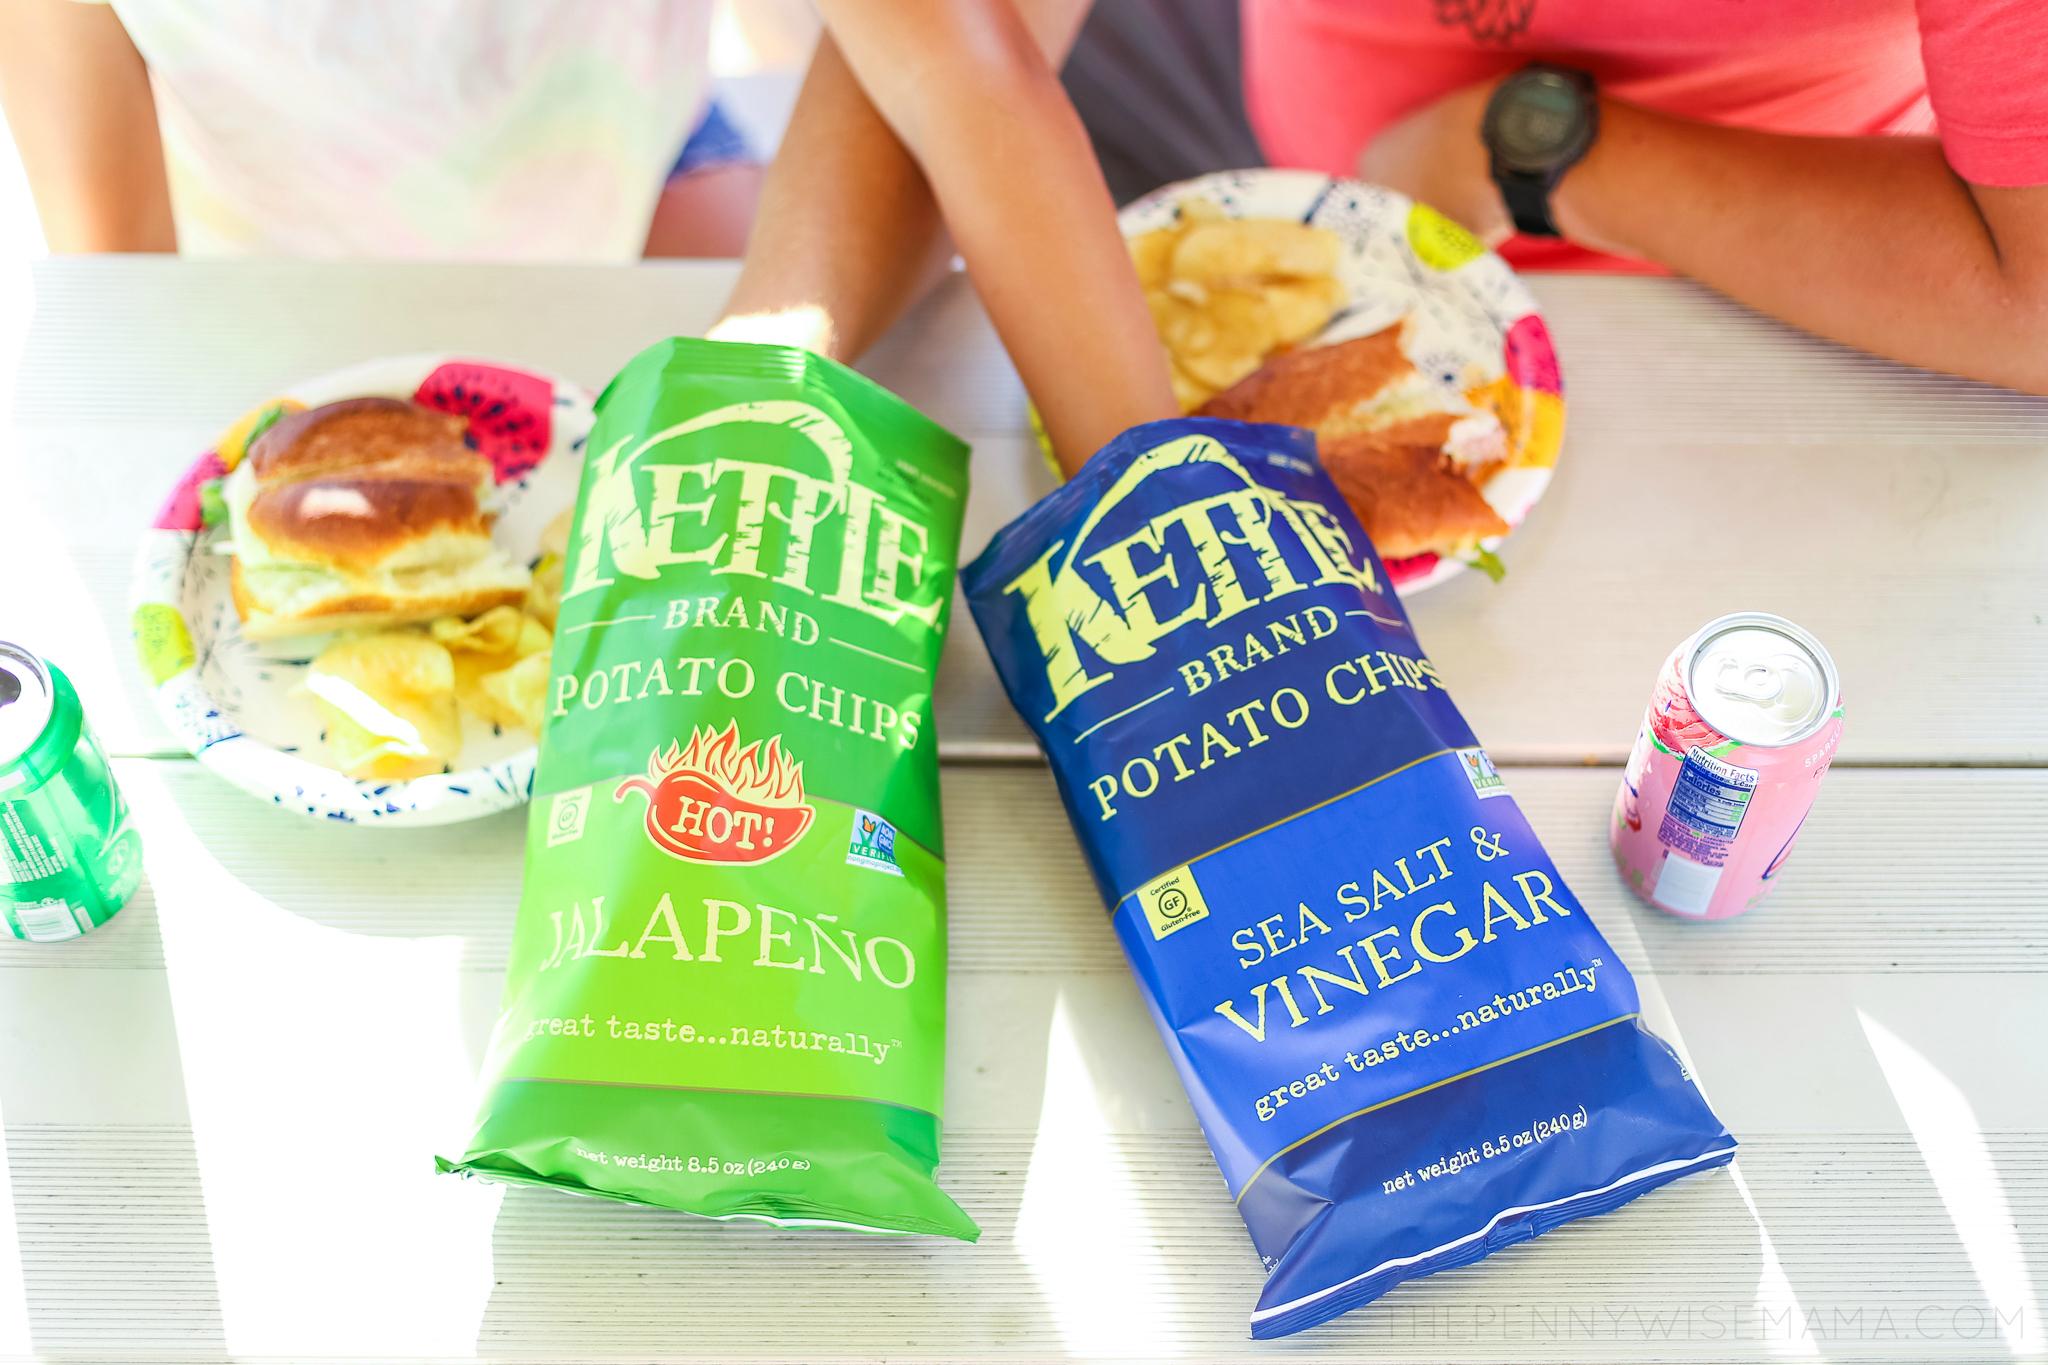 Kettle Chips Ibotta Offer